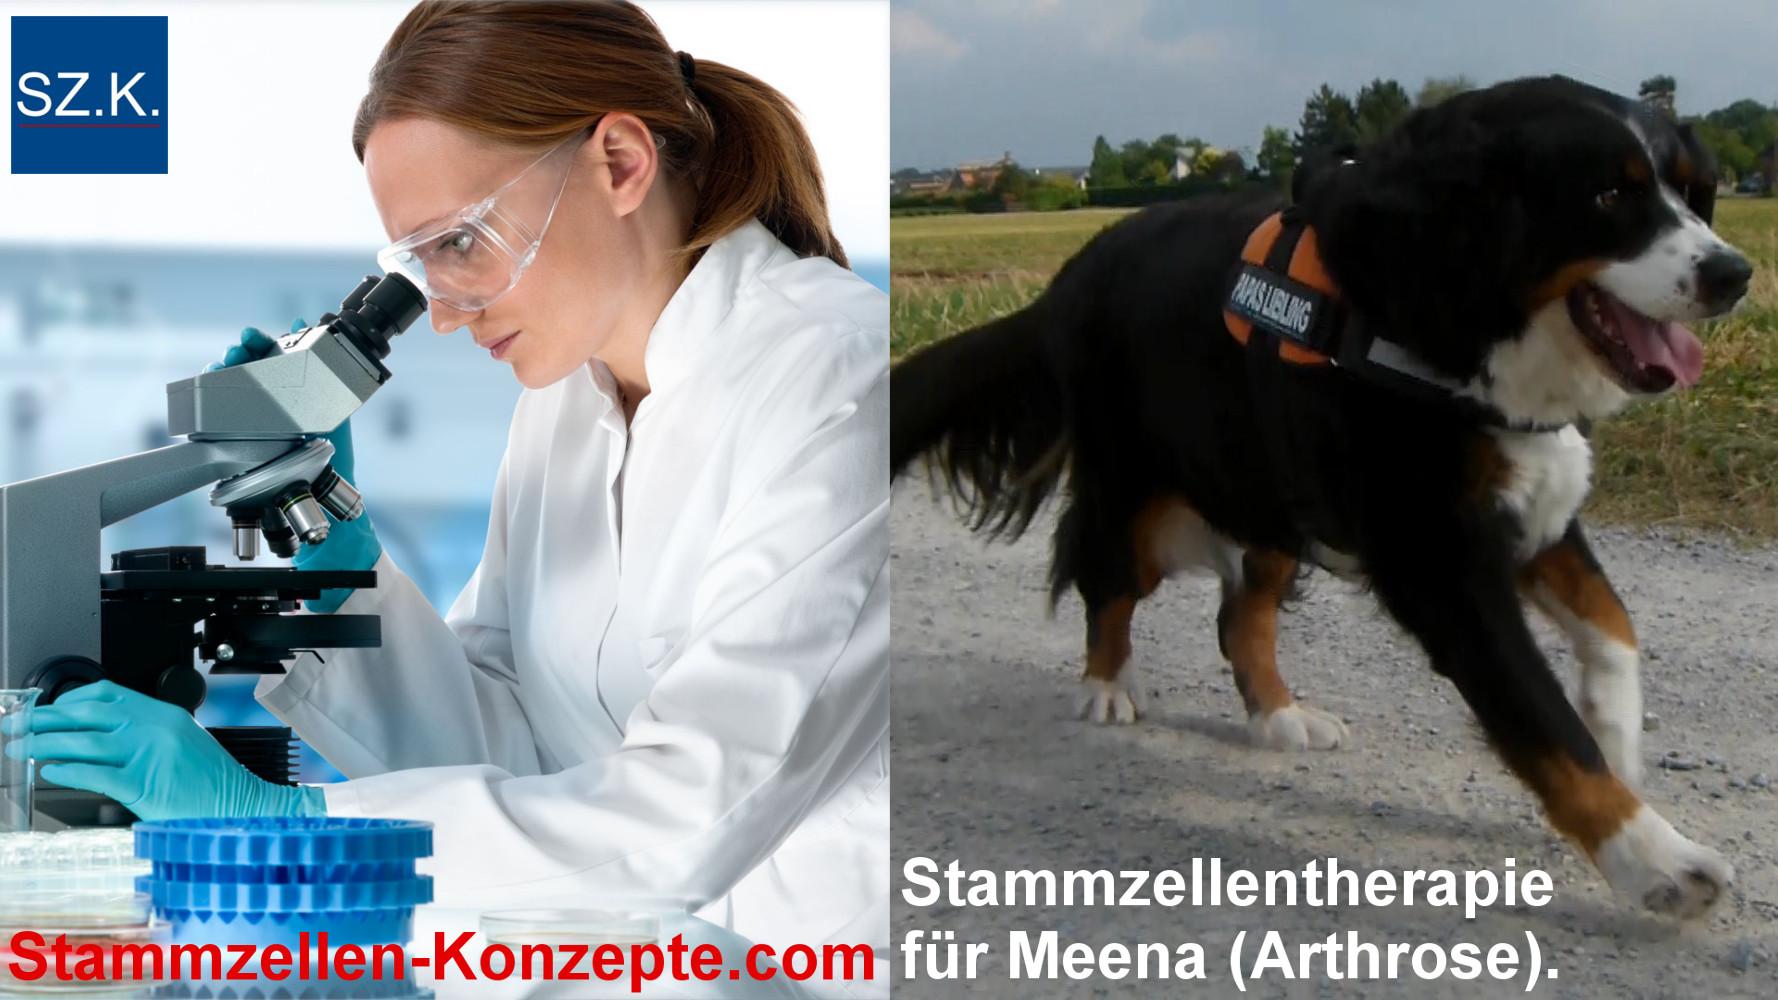 Fallbeispiel zur Behandlung der Arthrose beim Hund mittels Stammzellen